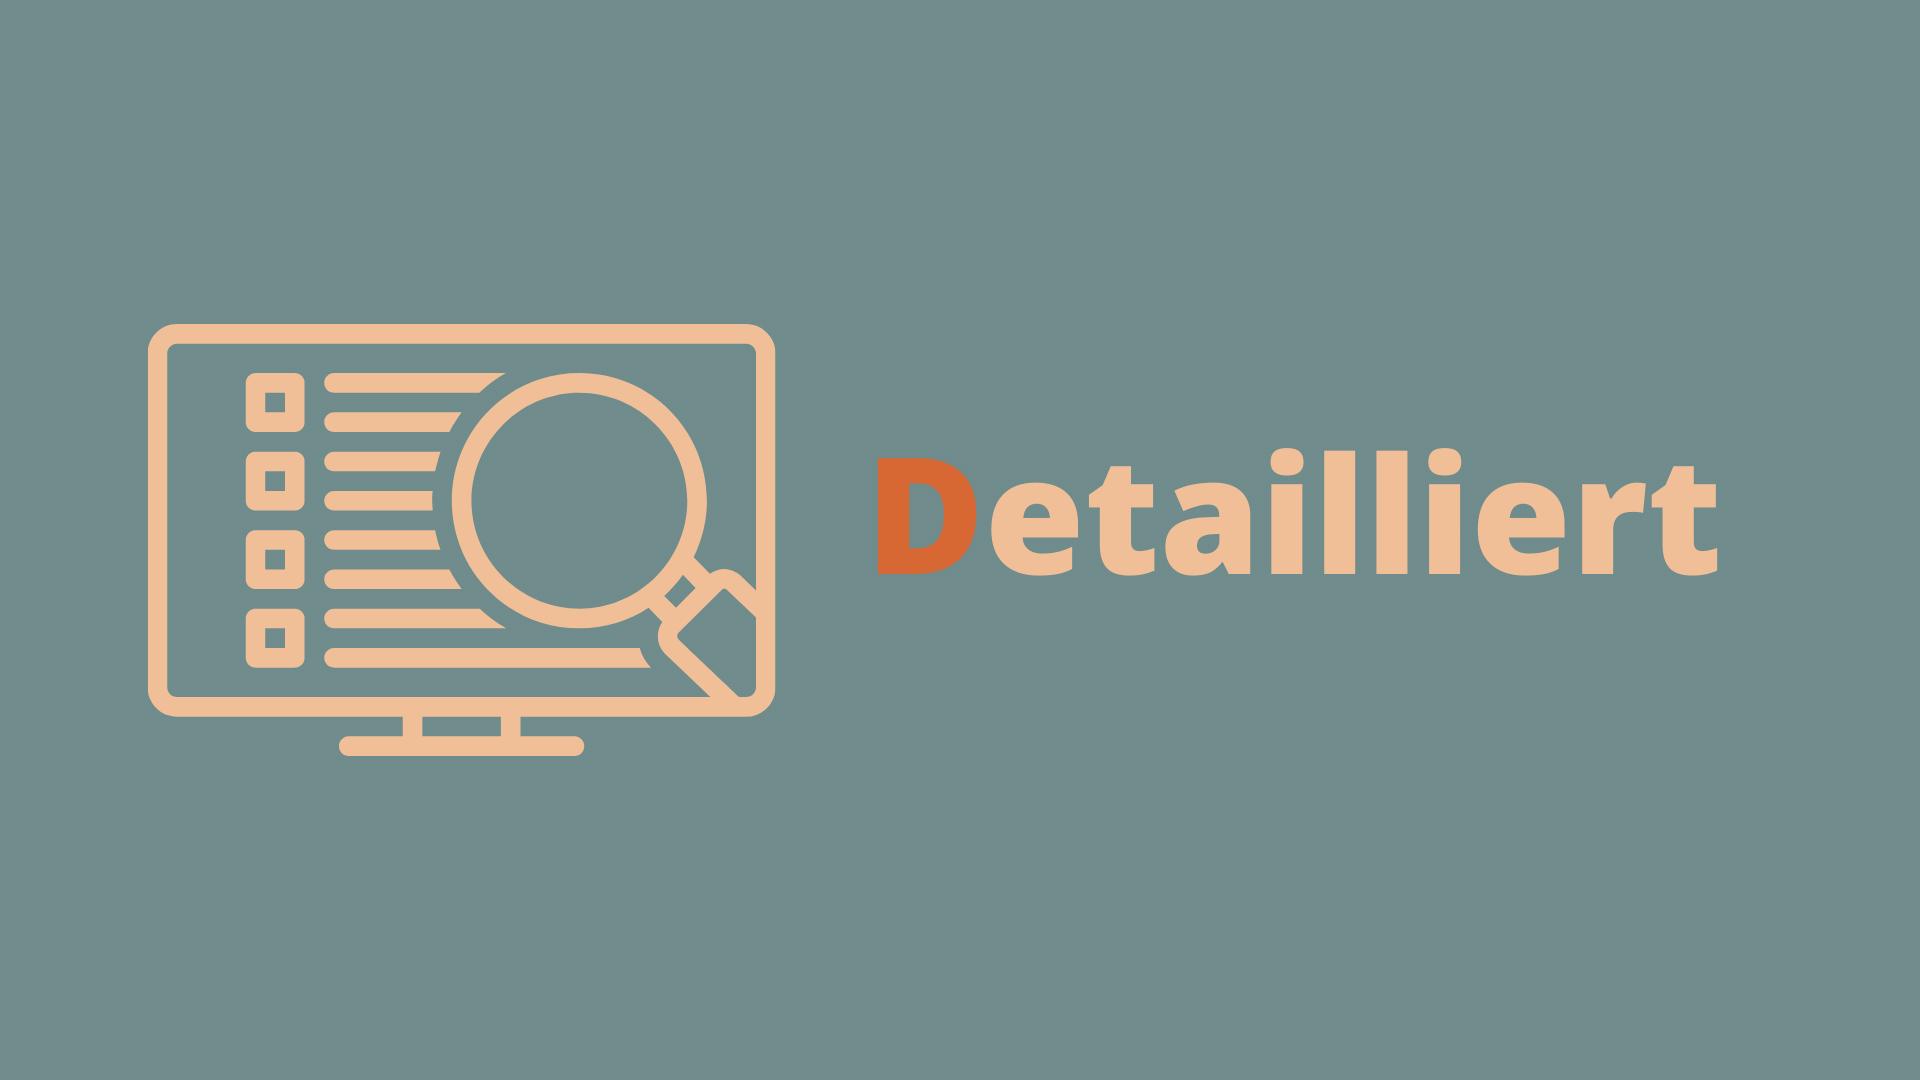 DEEP - Detailliert - Product Backlog